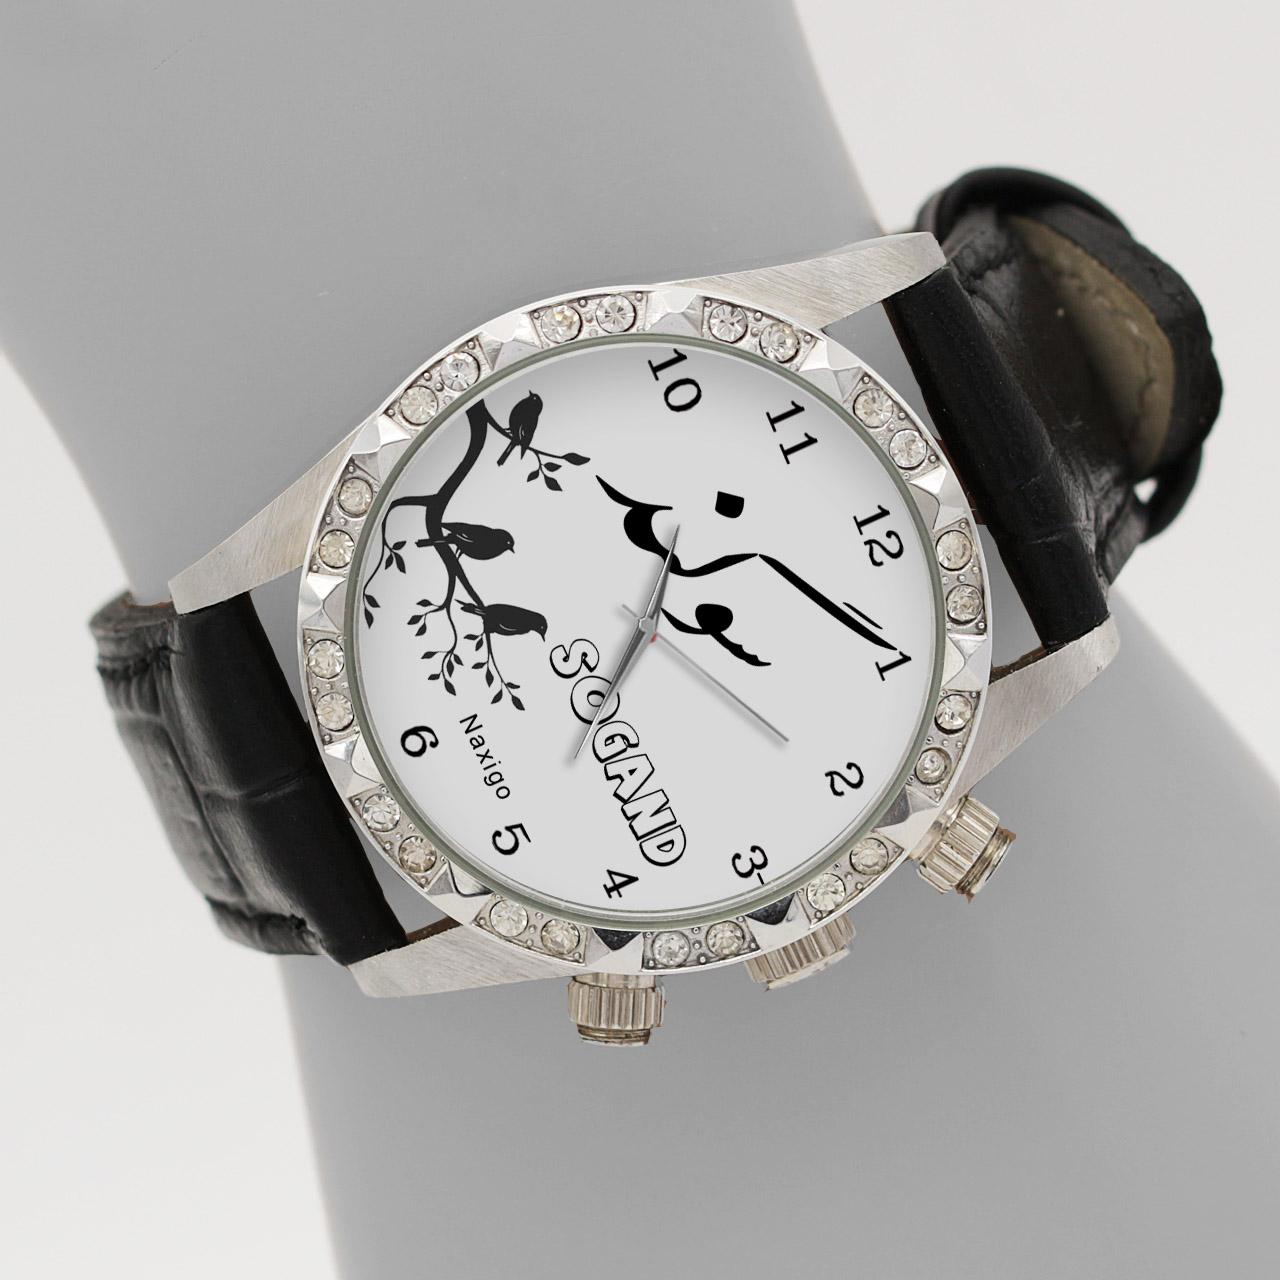 خرید و قیمت                      ساعت مچی  زنانه ناکسیگو طرح سوگند کد LS3780